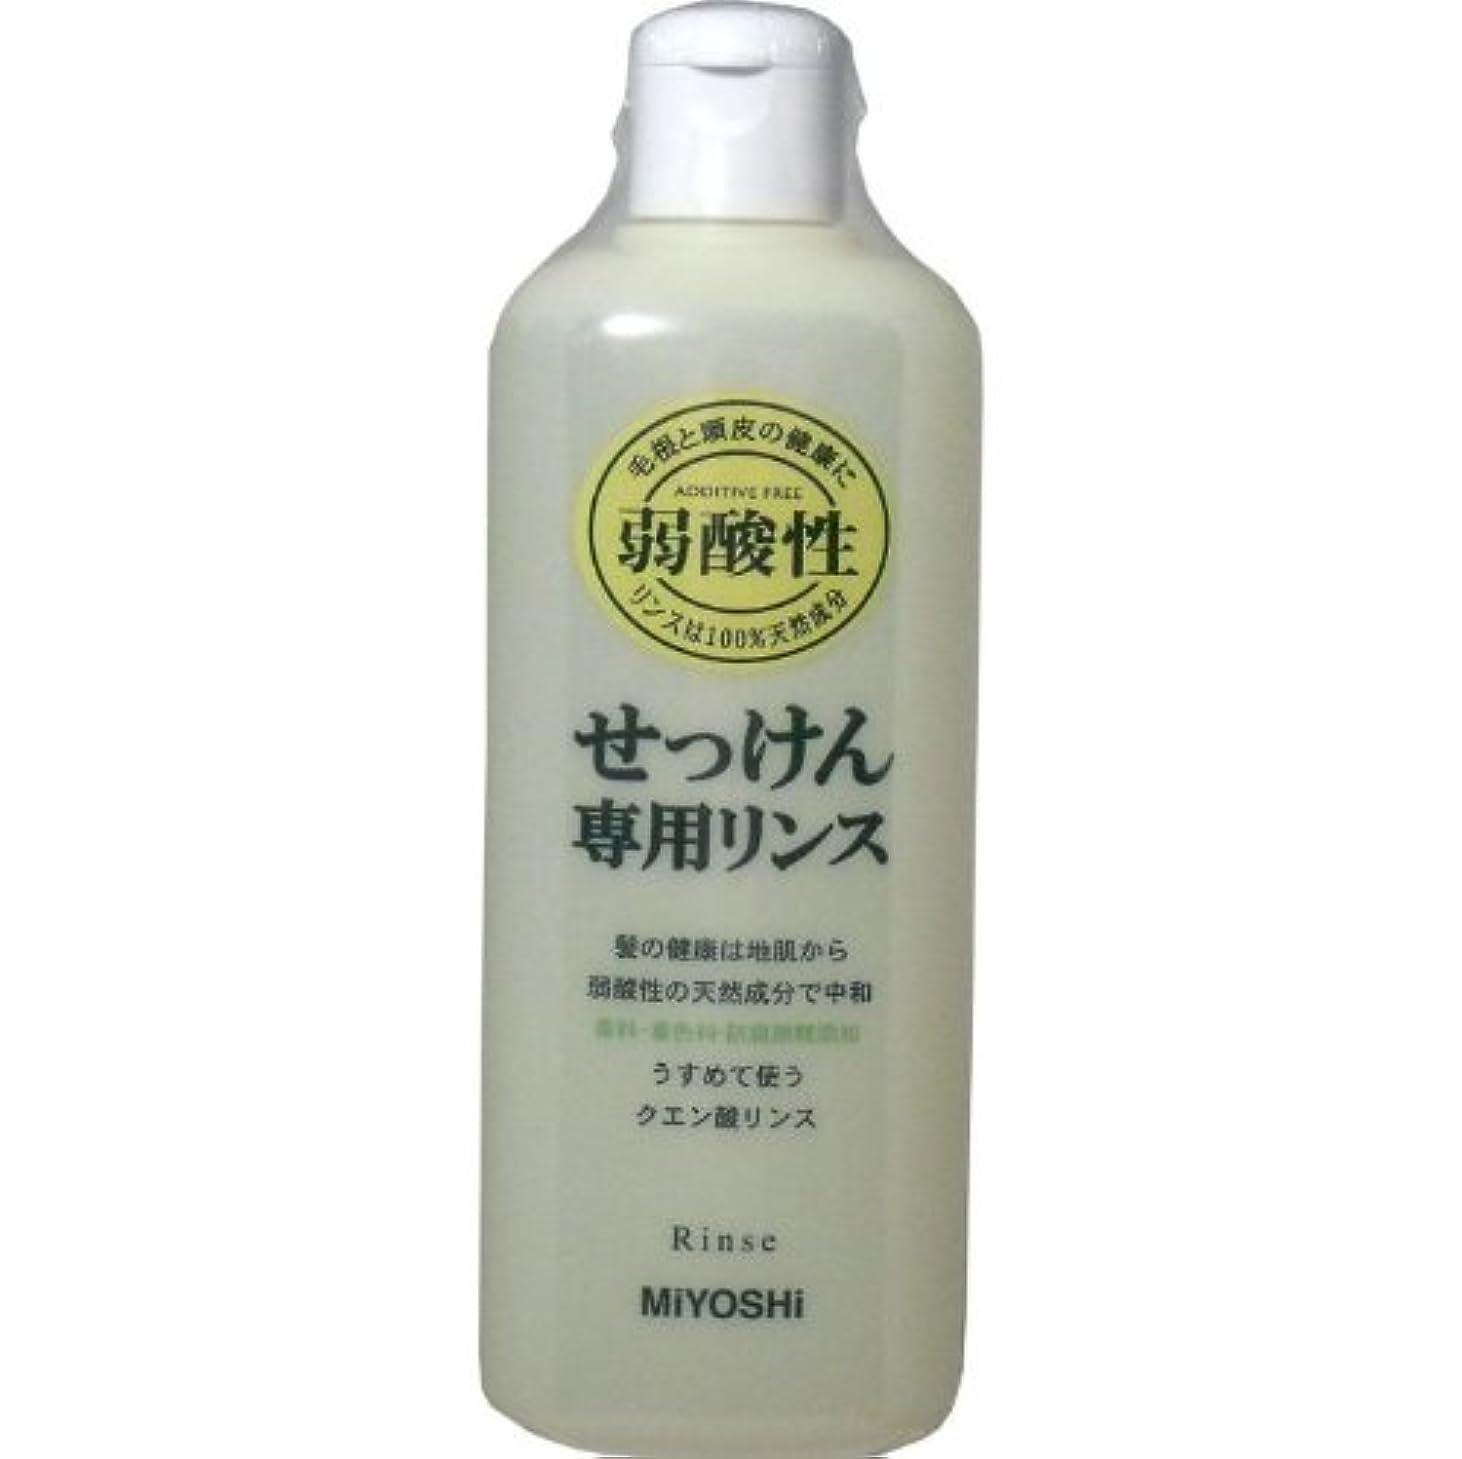 髪の健康は地肌から、弱酸性の天然成分で中和!!香料、防腐剤、着色料無添加!うすめて使うクエン酸リンス!リンス 350mL【3個セット】